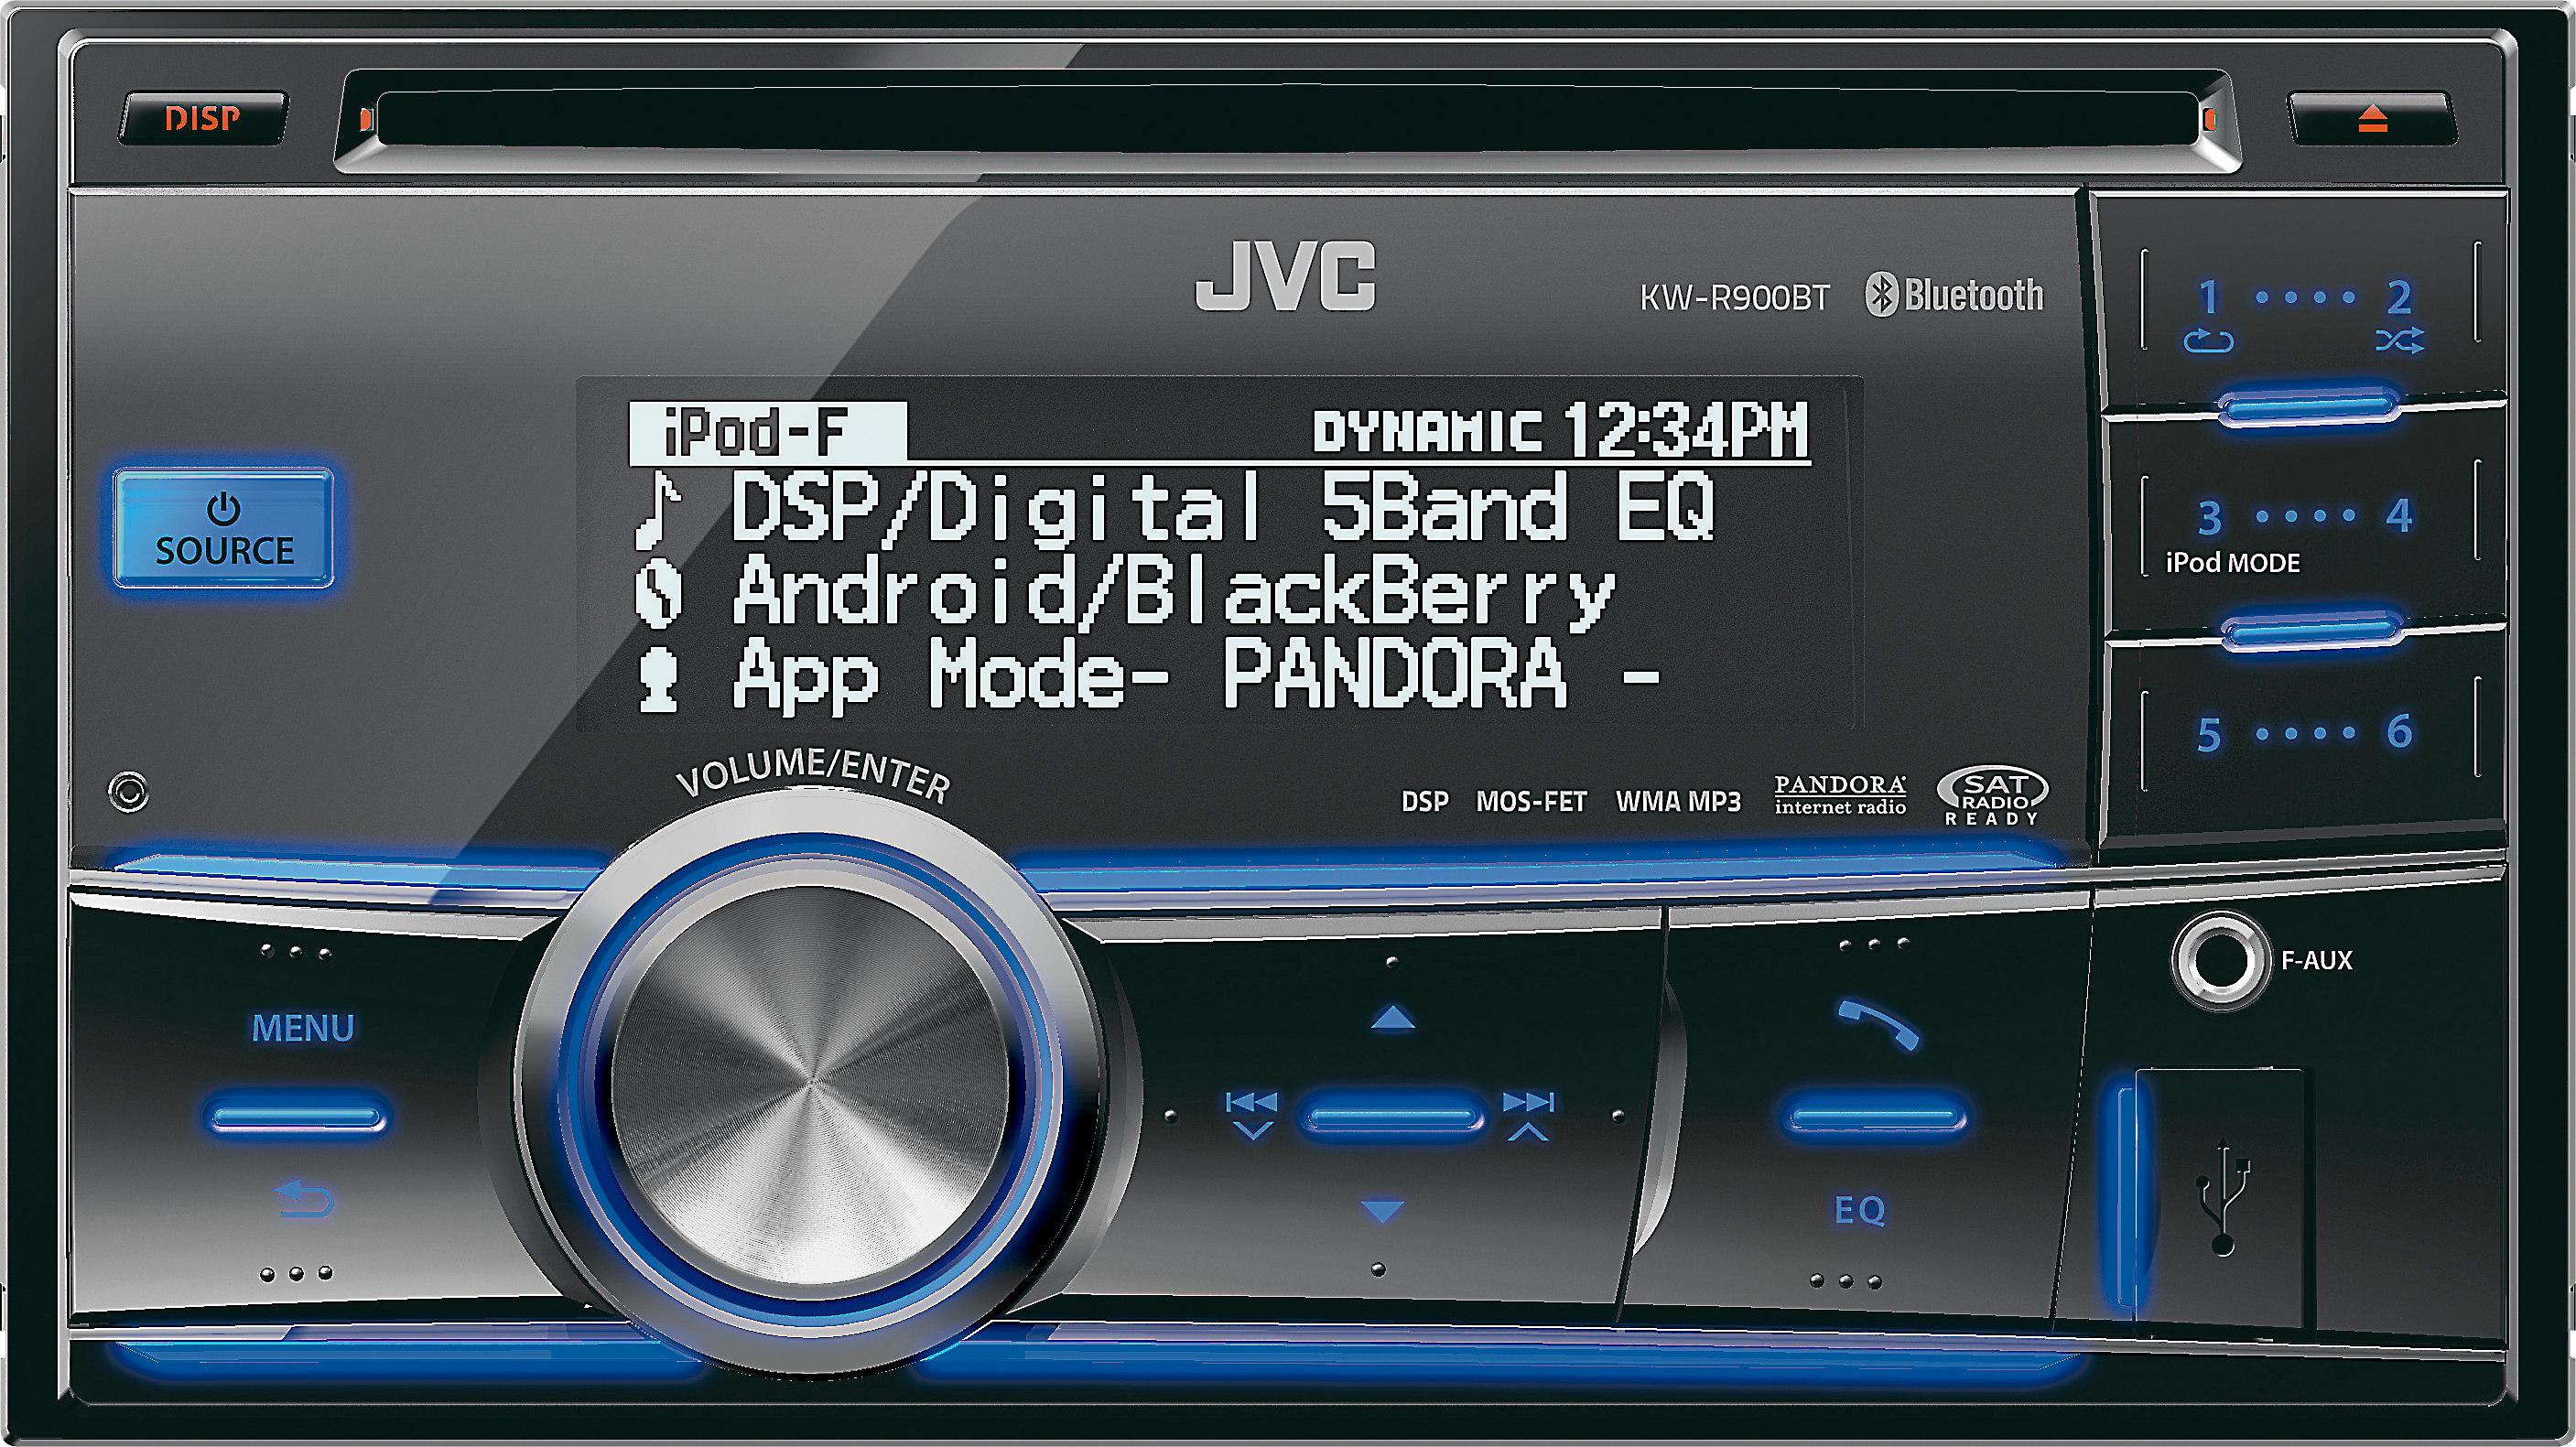 [DIAGRAM_3ER]  JVC KW-R900BT CD receiver at Crutchfield | Kw R900bt Wiring Diagram |  | Crutchfield